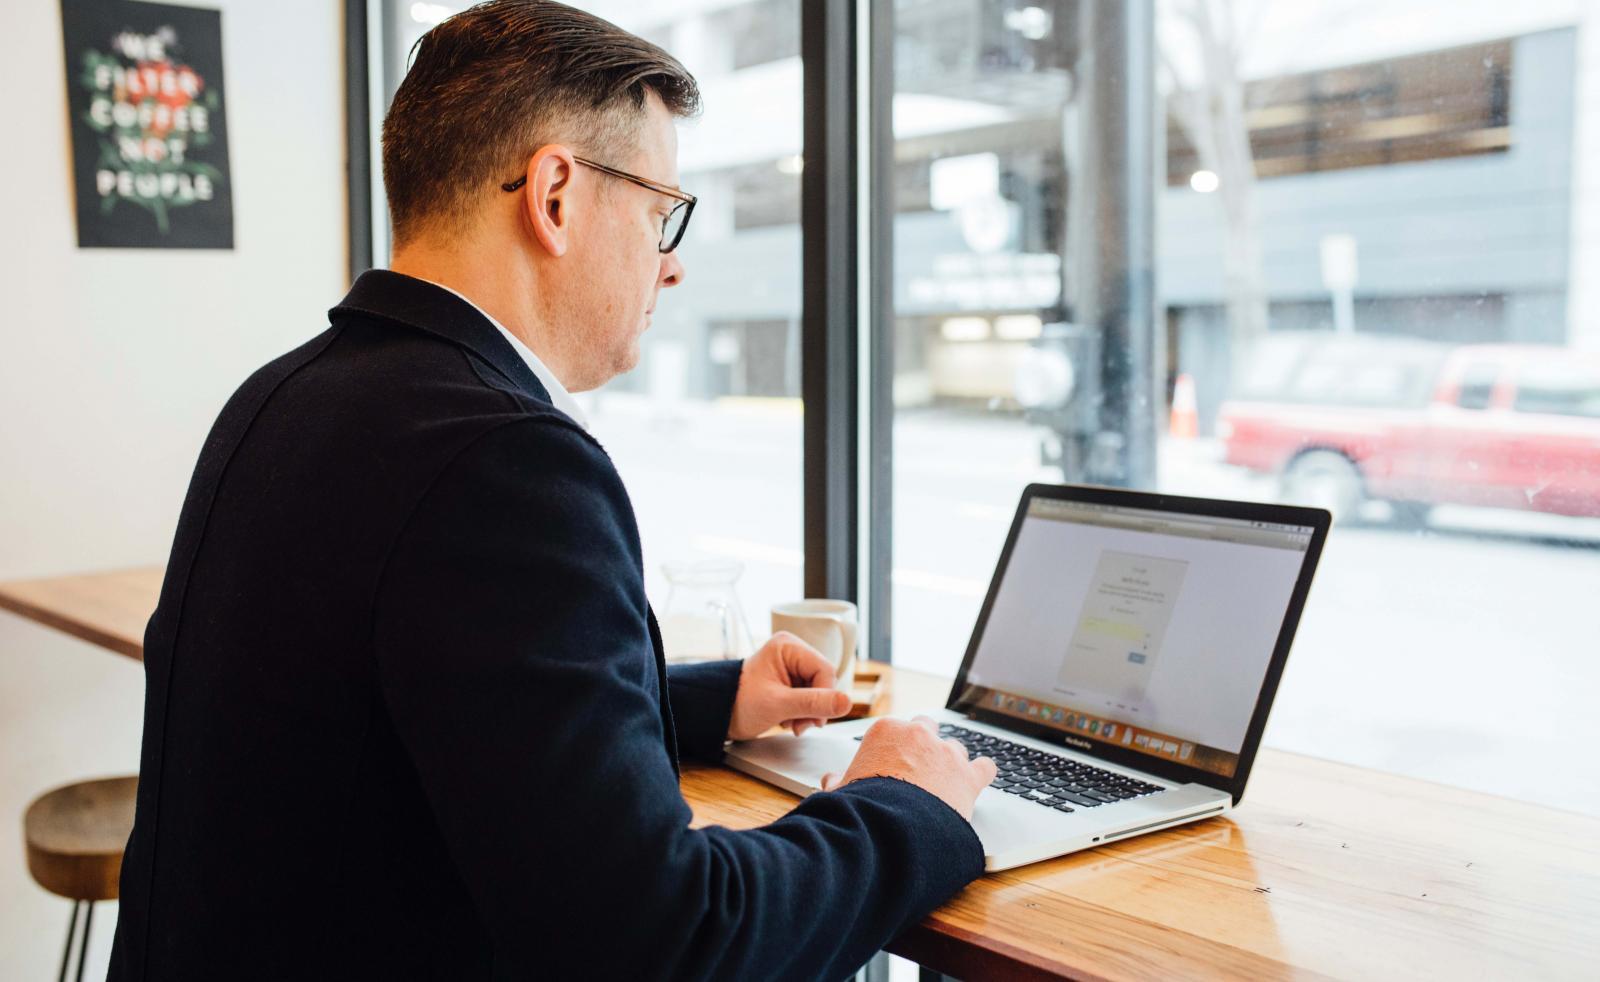 Arrendar un auto: Un hombre está trabajando con su portátil